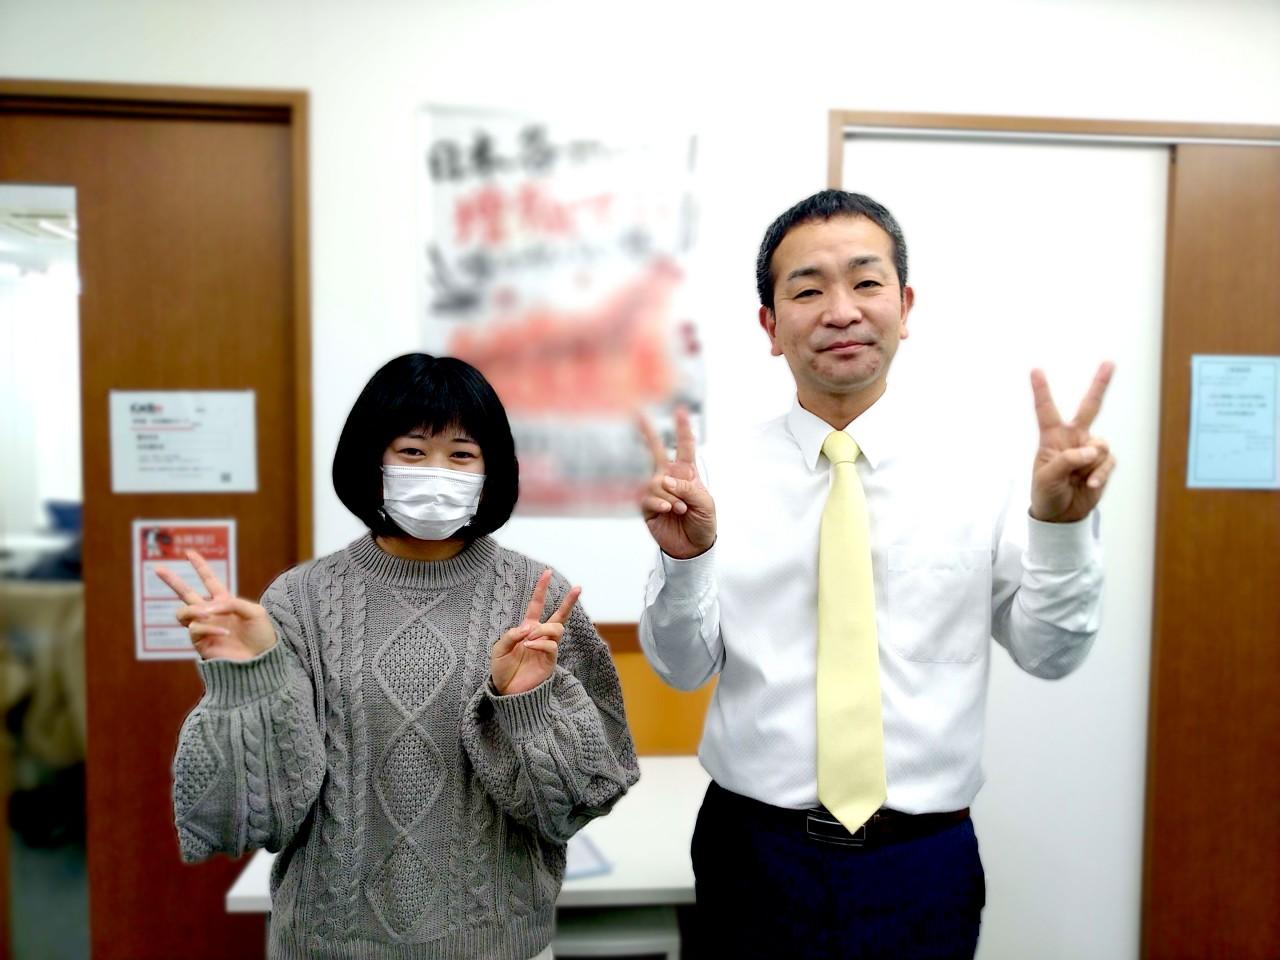 尼崎双生高校 現役生 京都女子大学 合格